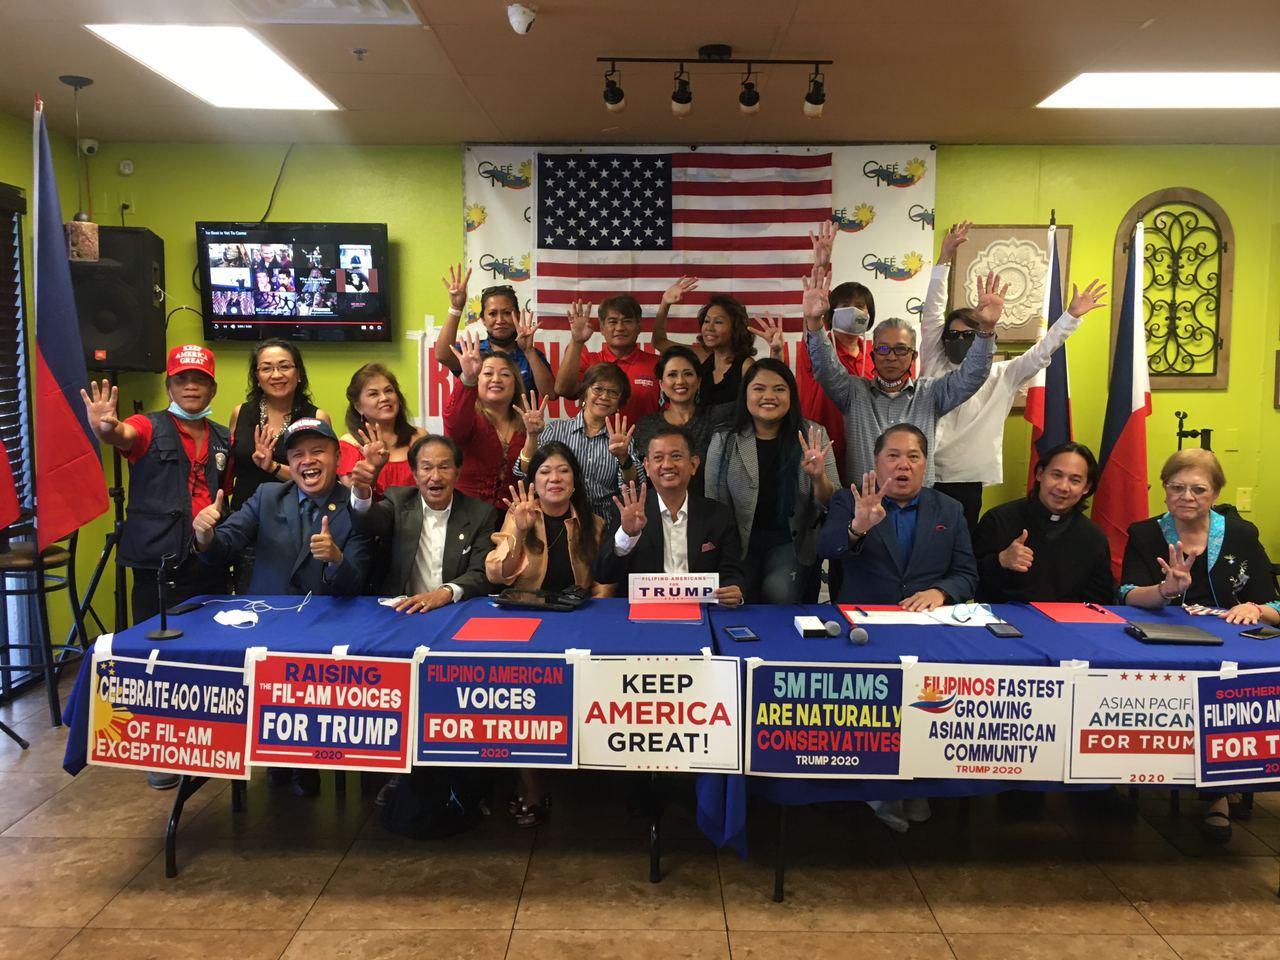 filipino-americans-for-trump-2020